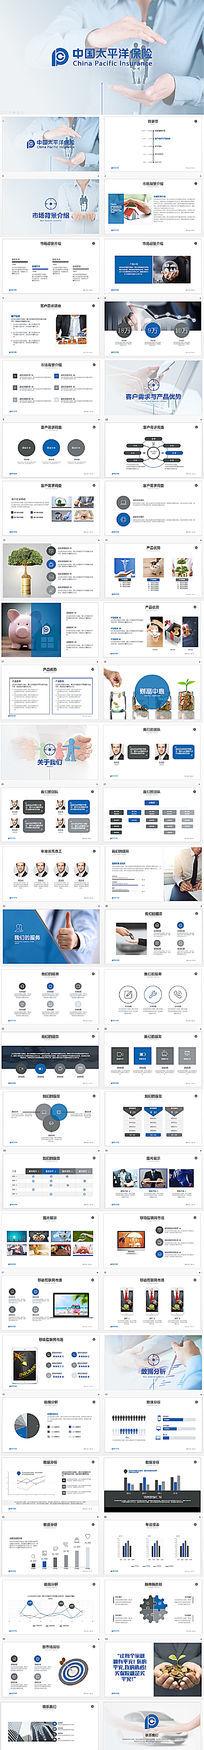 中国太平洋保险公司工作汇报通用版PPT模板